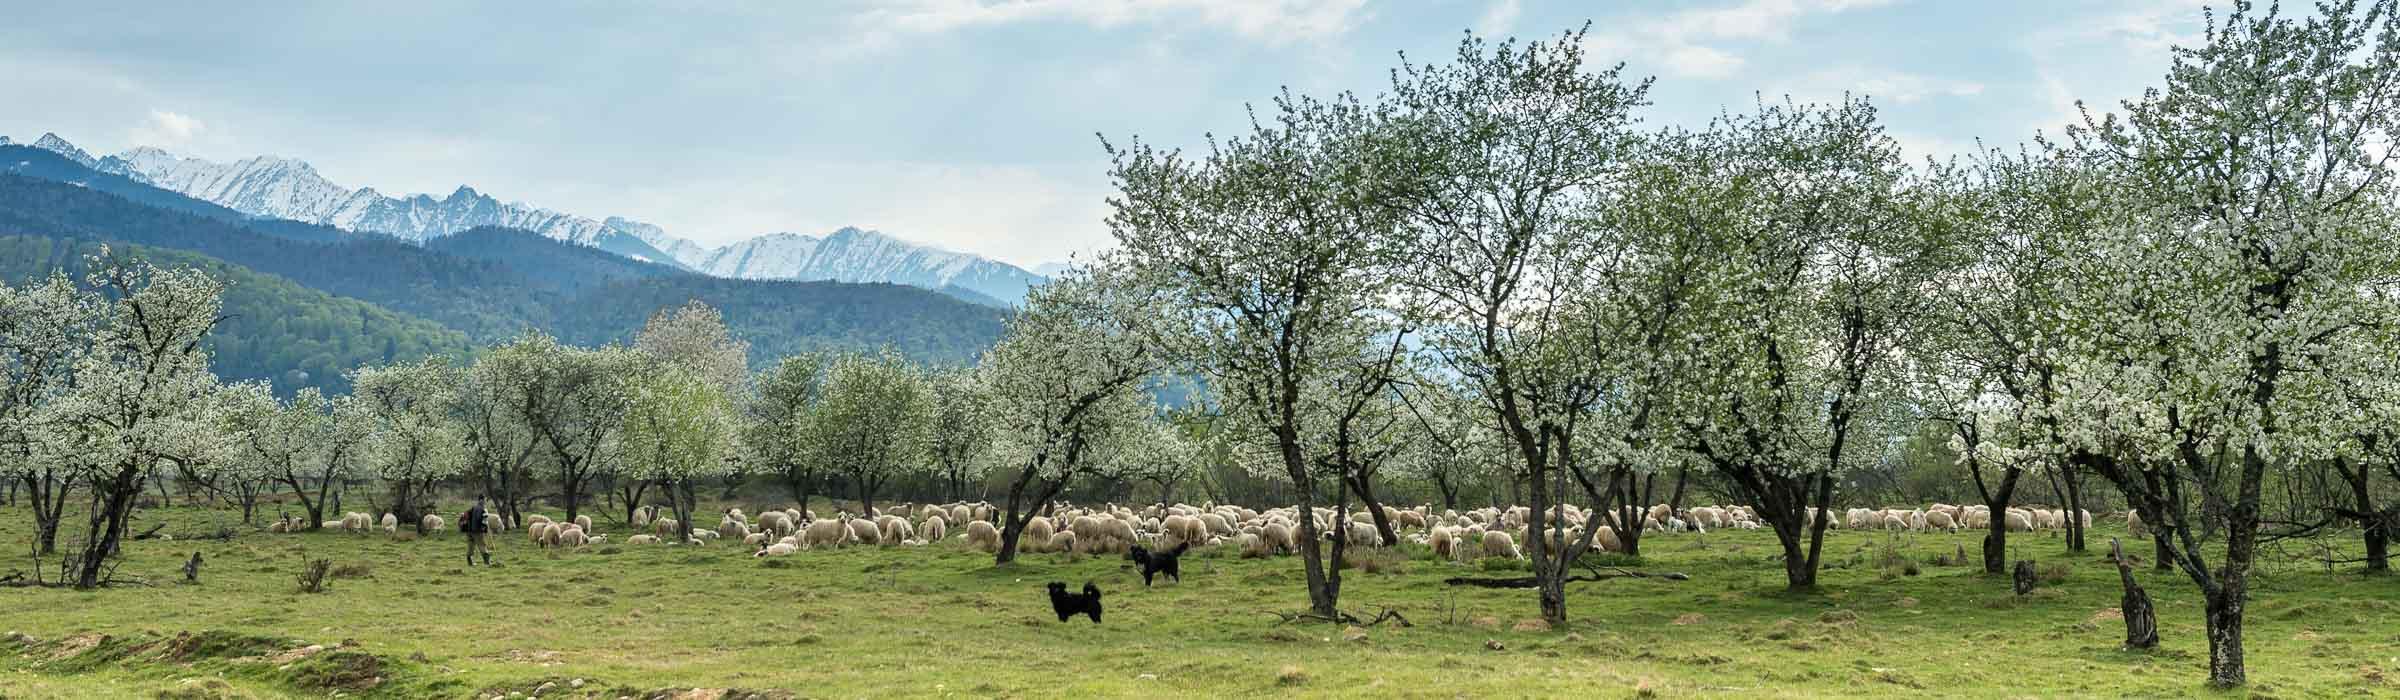 Schafsherde - Fotoreise Siebenbürgen Rumänien